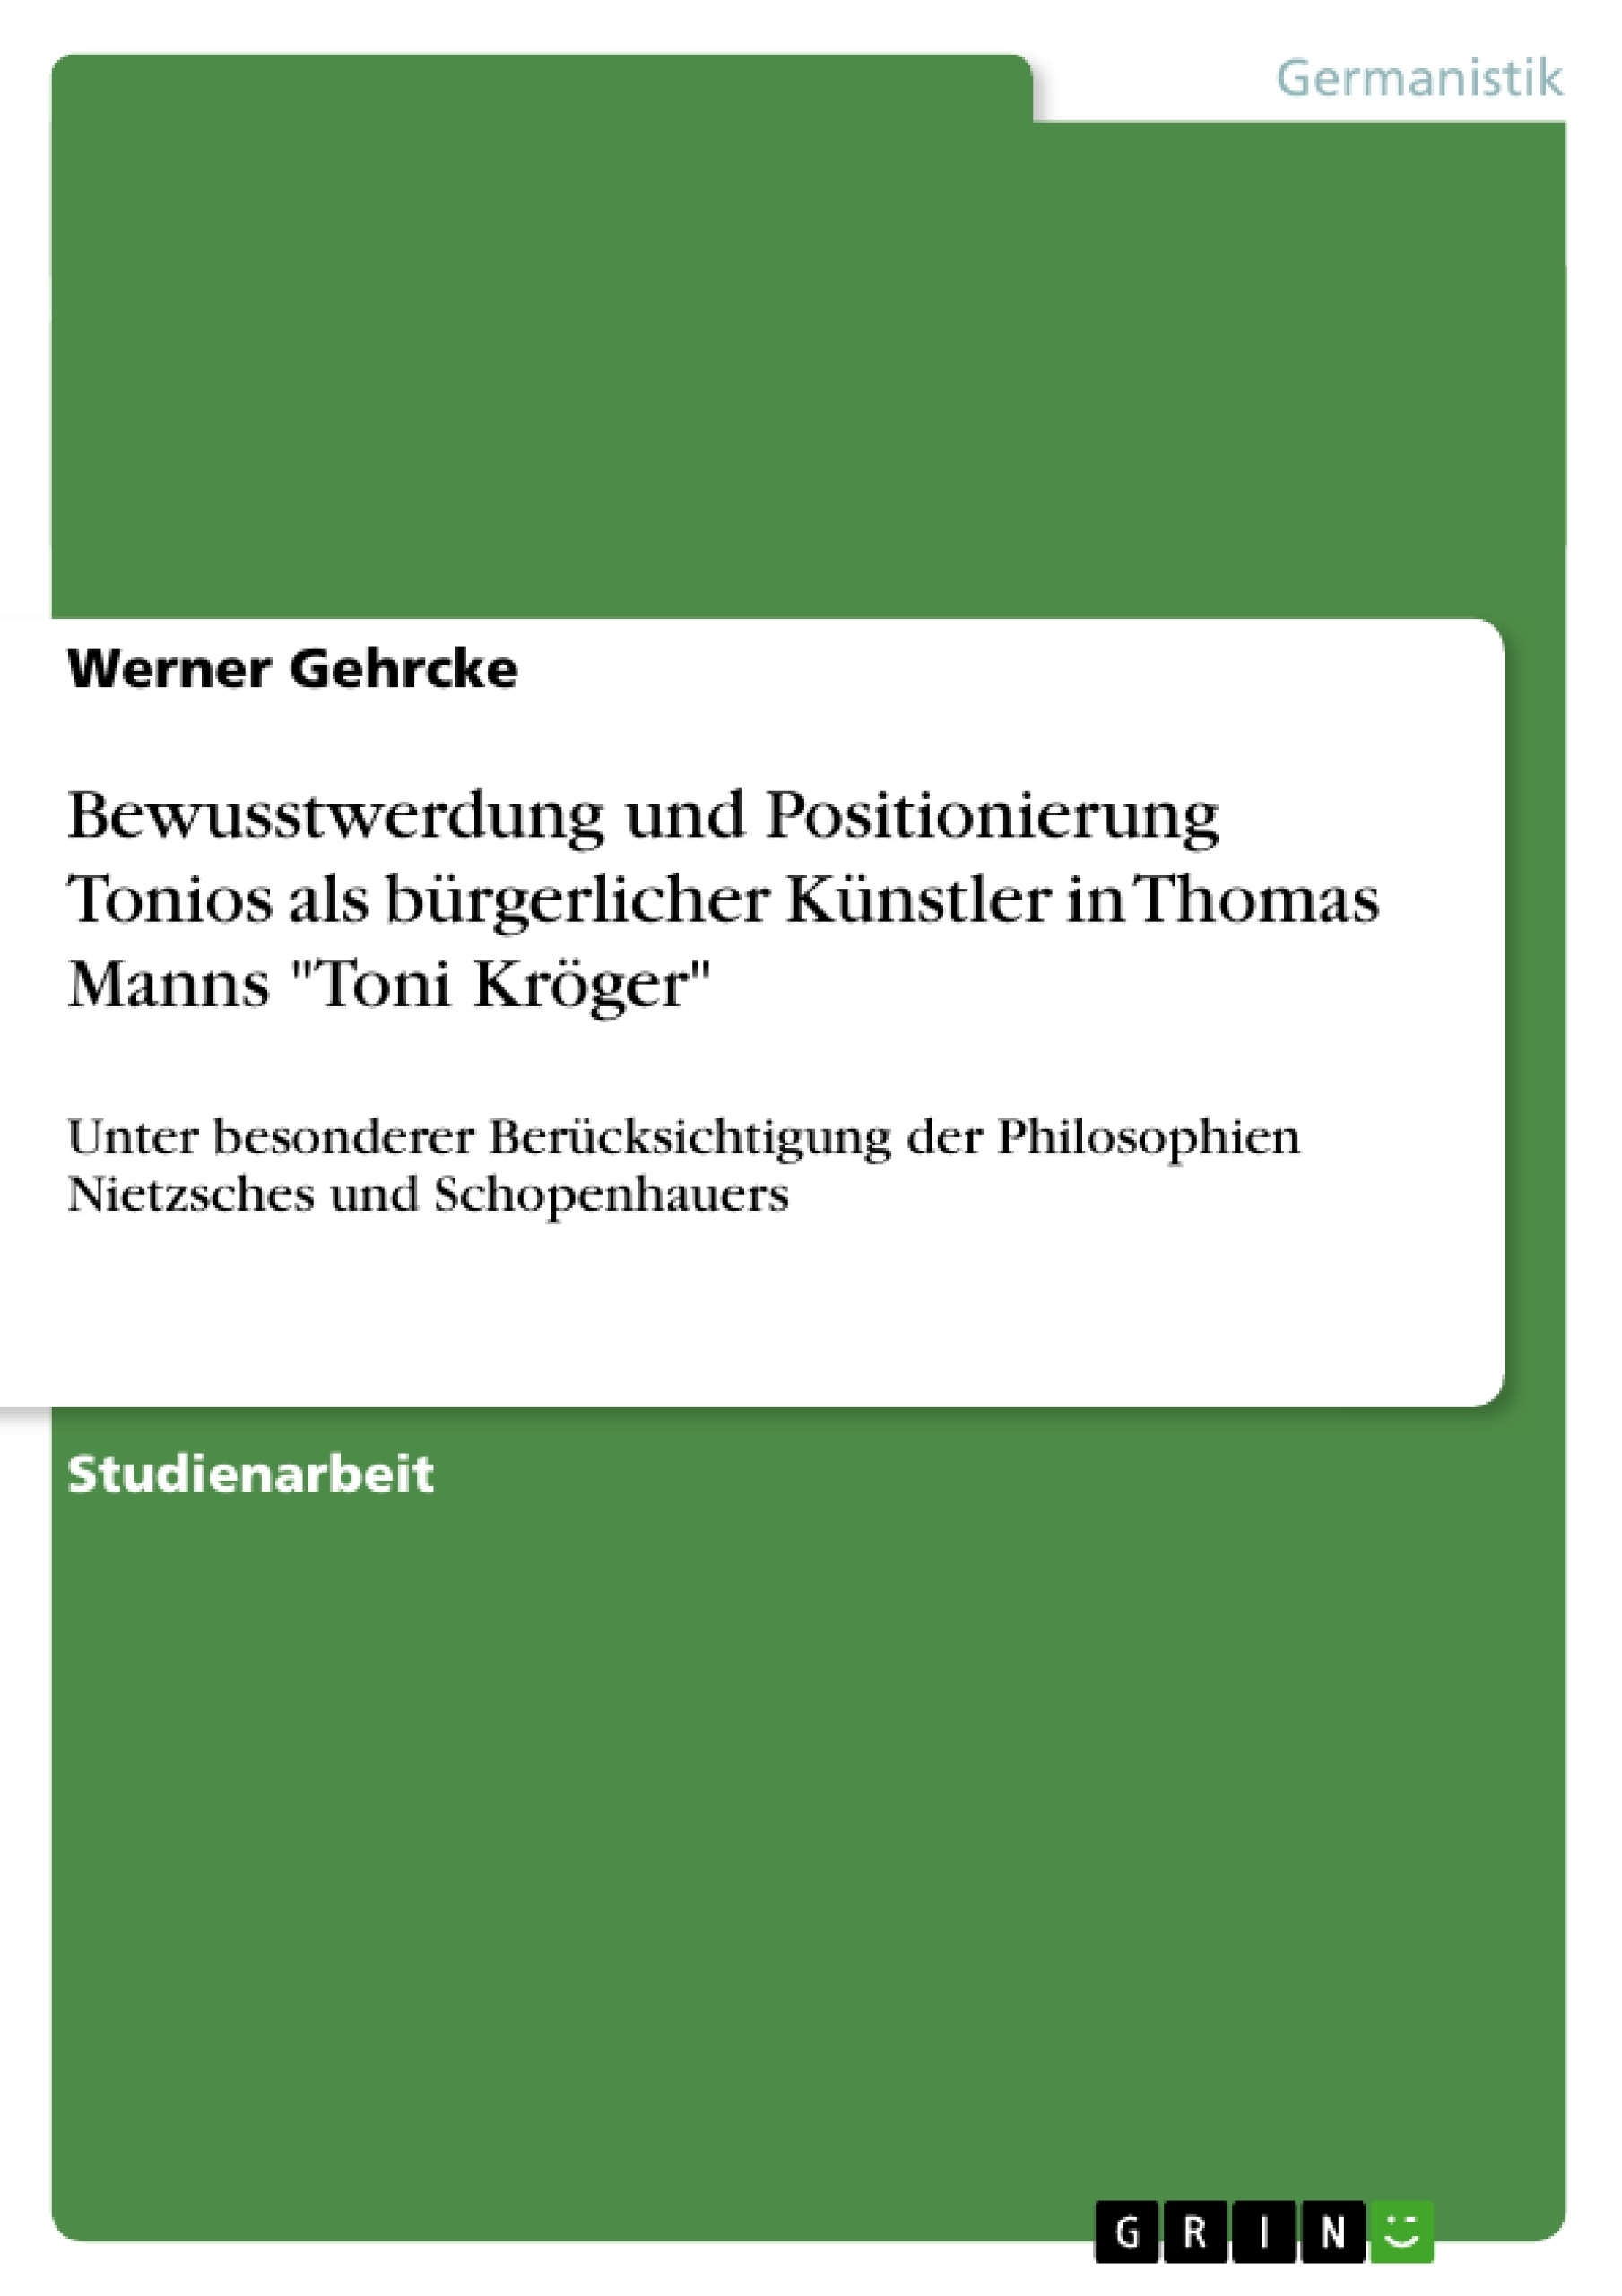 """Titel: Bewusstwerdung und Positionierung Tonios als bürgerlicher Künstler in Thomas Manns """"Toni Kröger"""""""